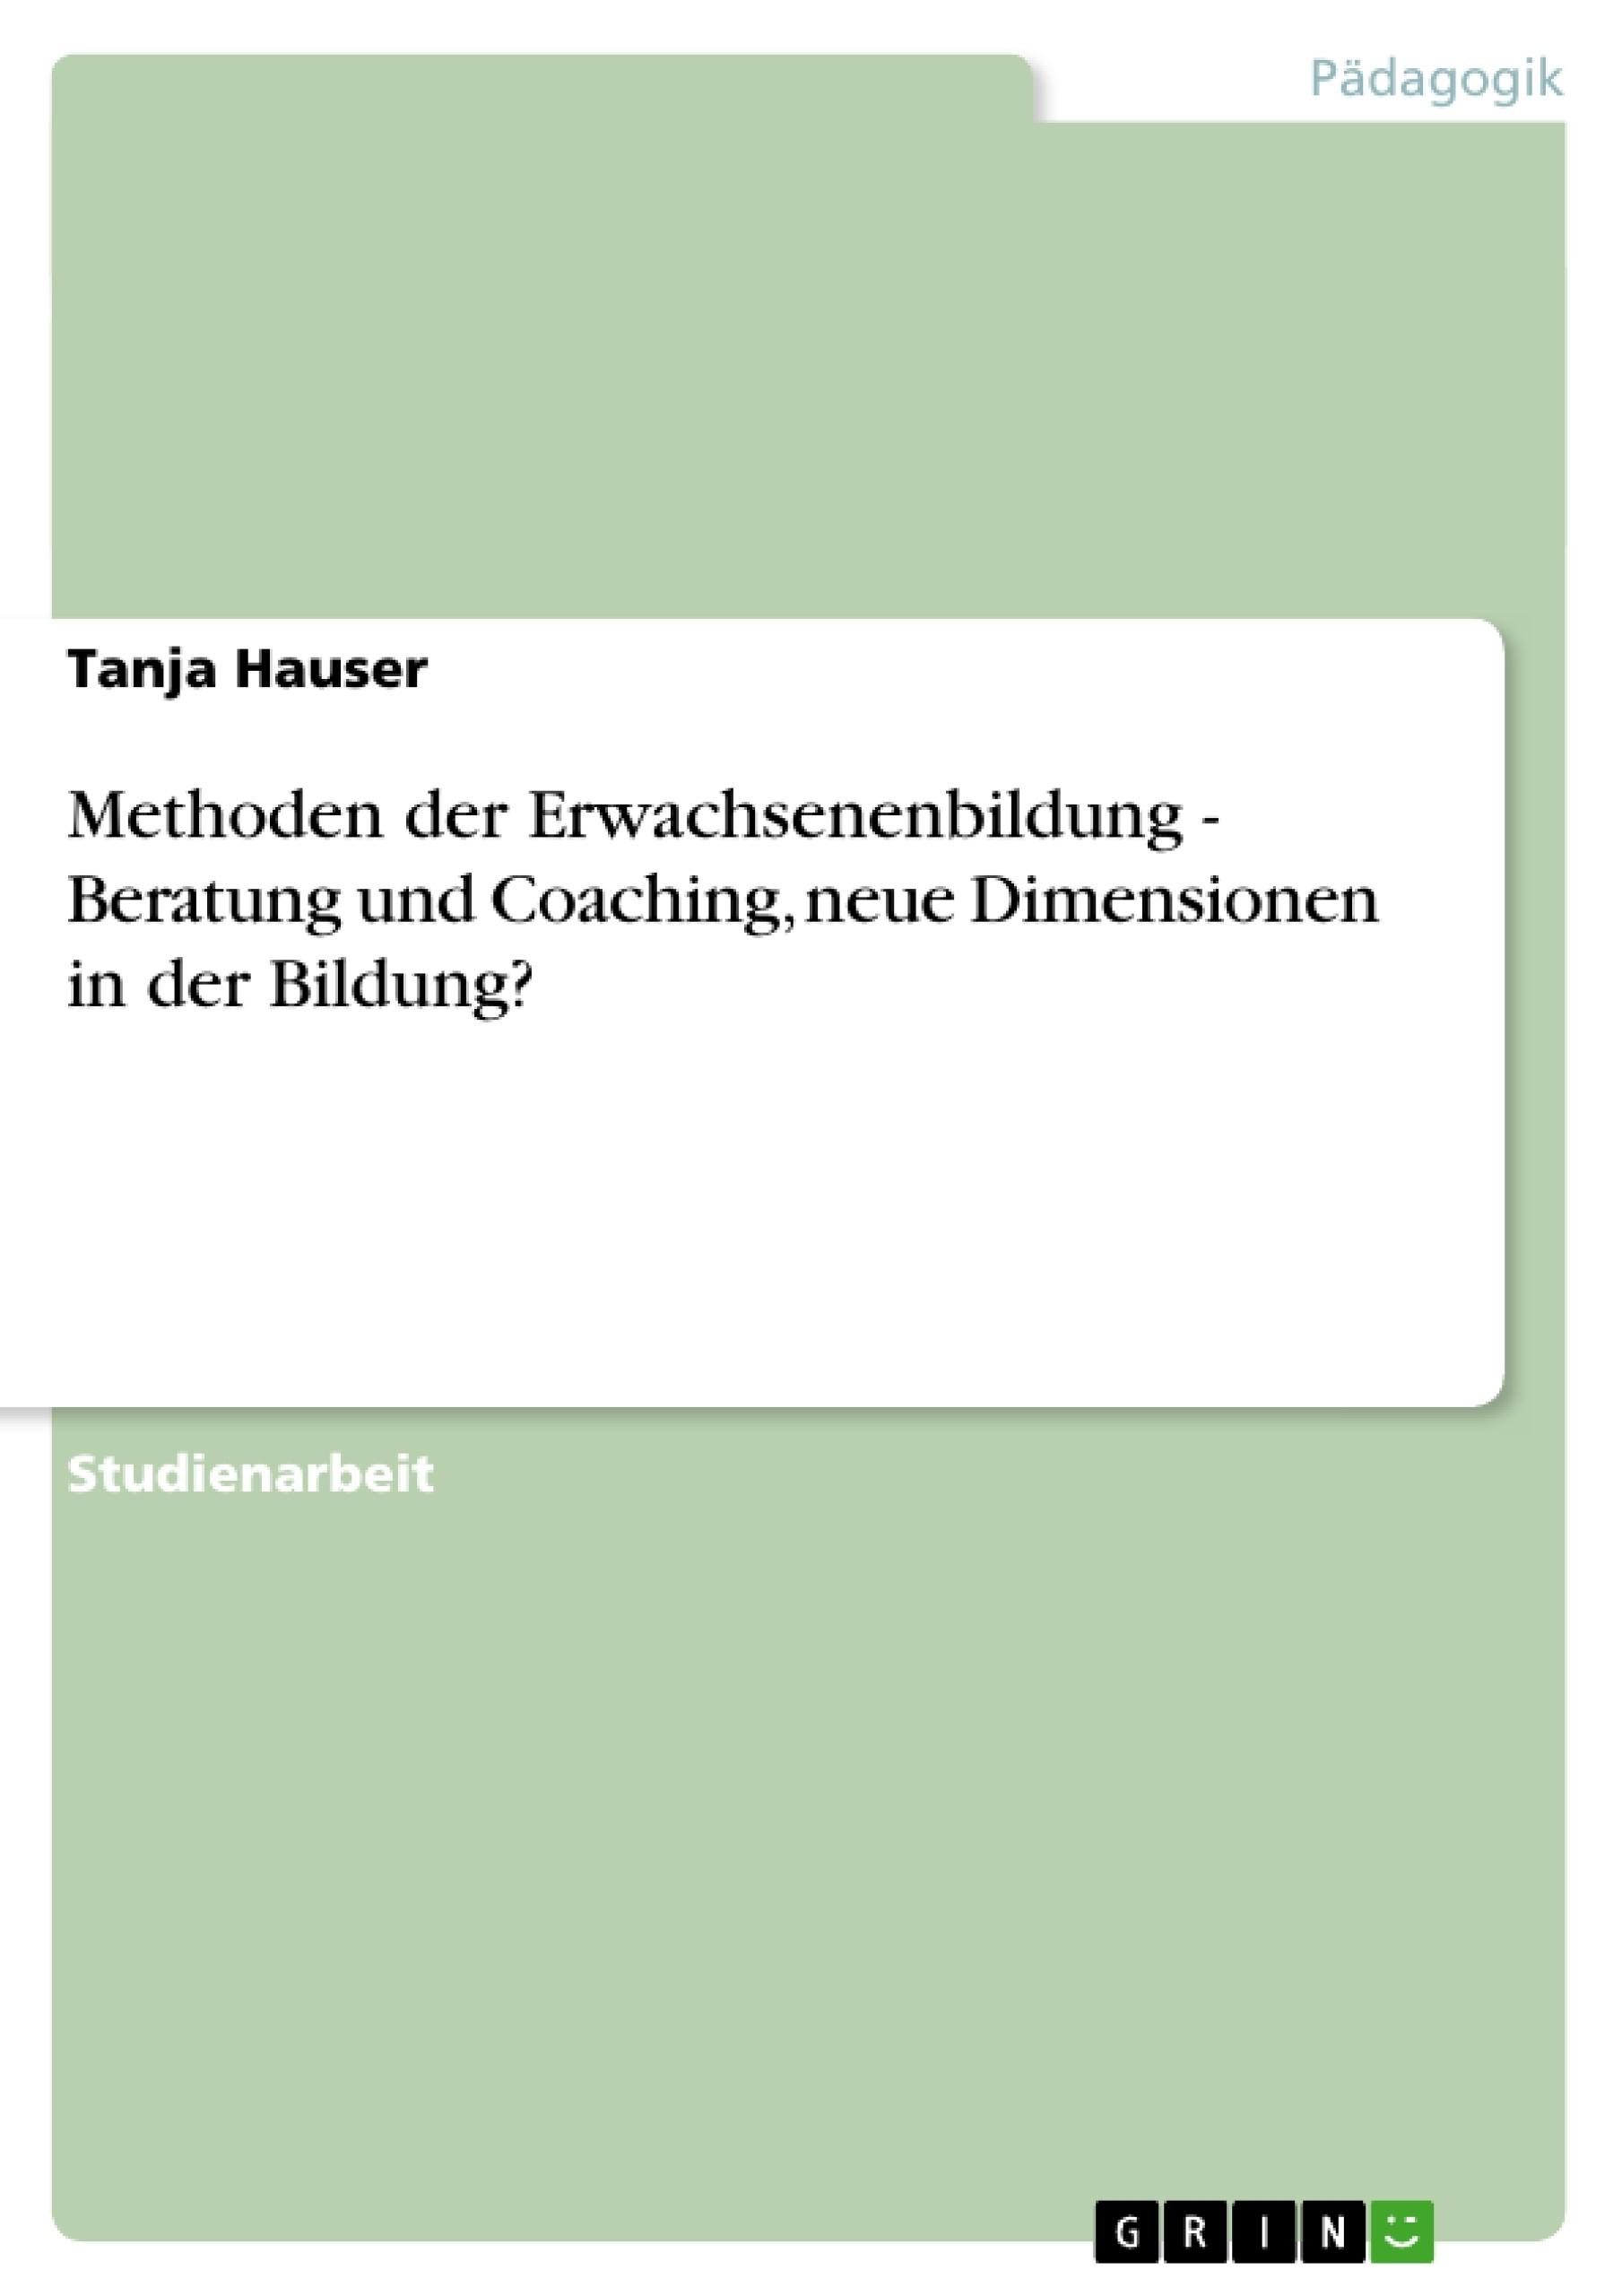 Titel: Methoden der Erwachsenenbildung  -  Beratung und Coaching, neue Dimensionen in der Bildung?